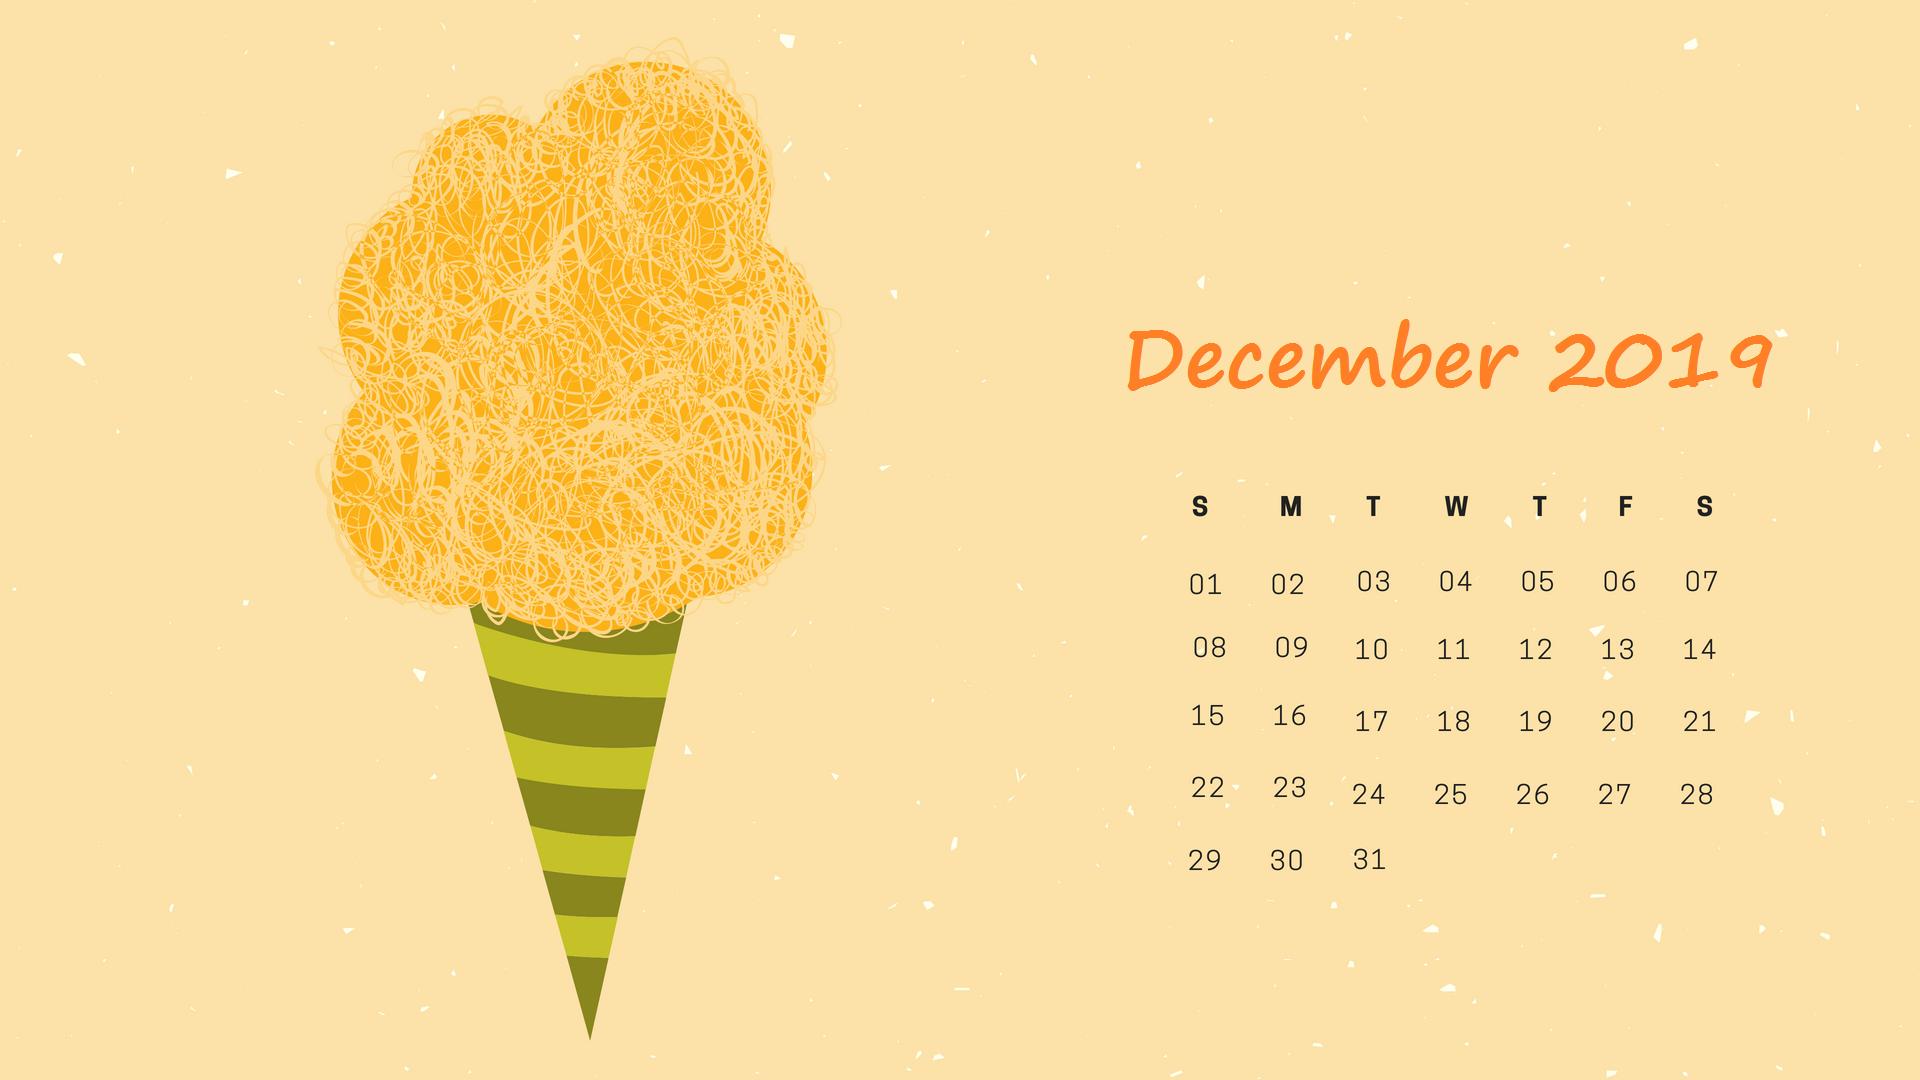 Free December 2019 Desktop Calendar Wallpaper With Images Calendar Wallpaper Printable December Calendar Desktop Calendar